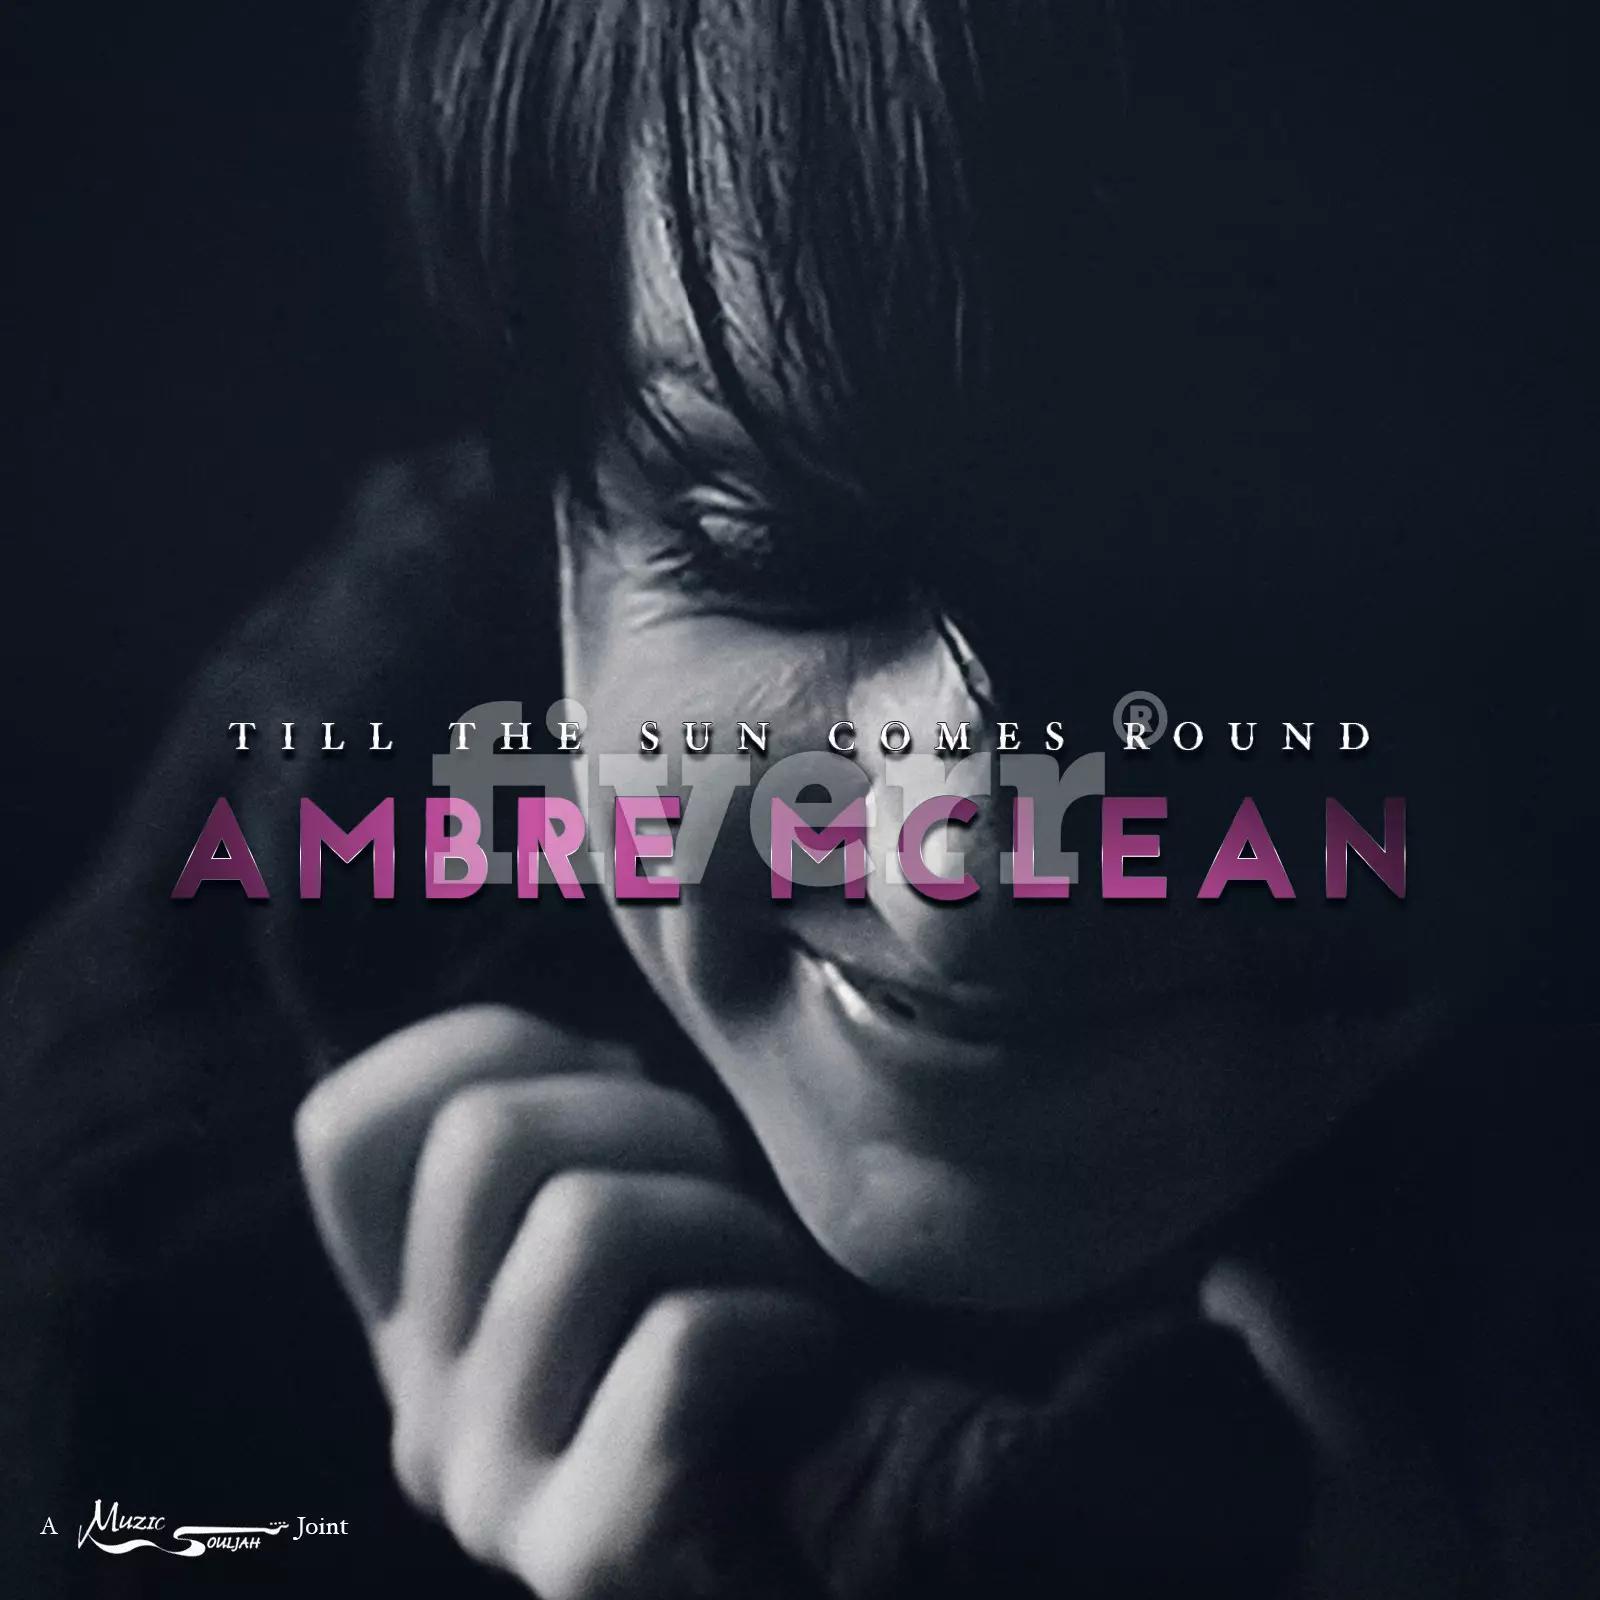 AMBRE-COVER